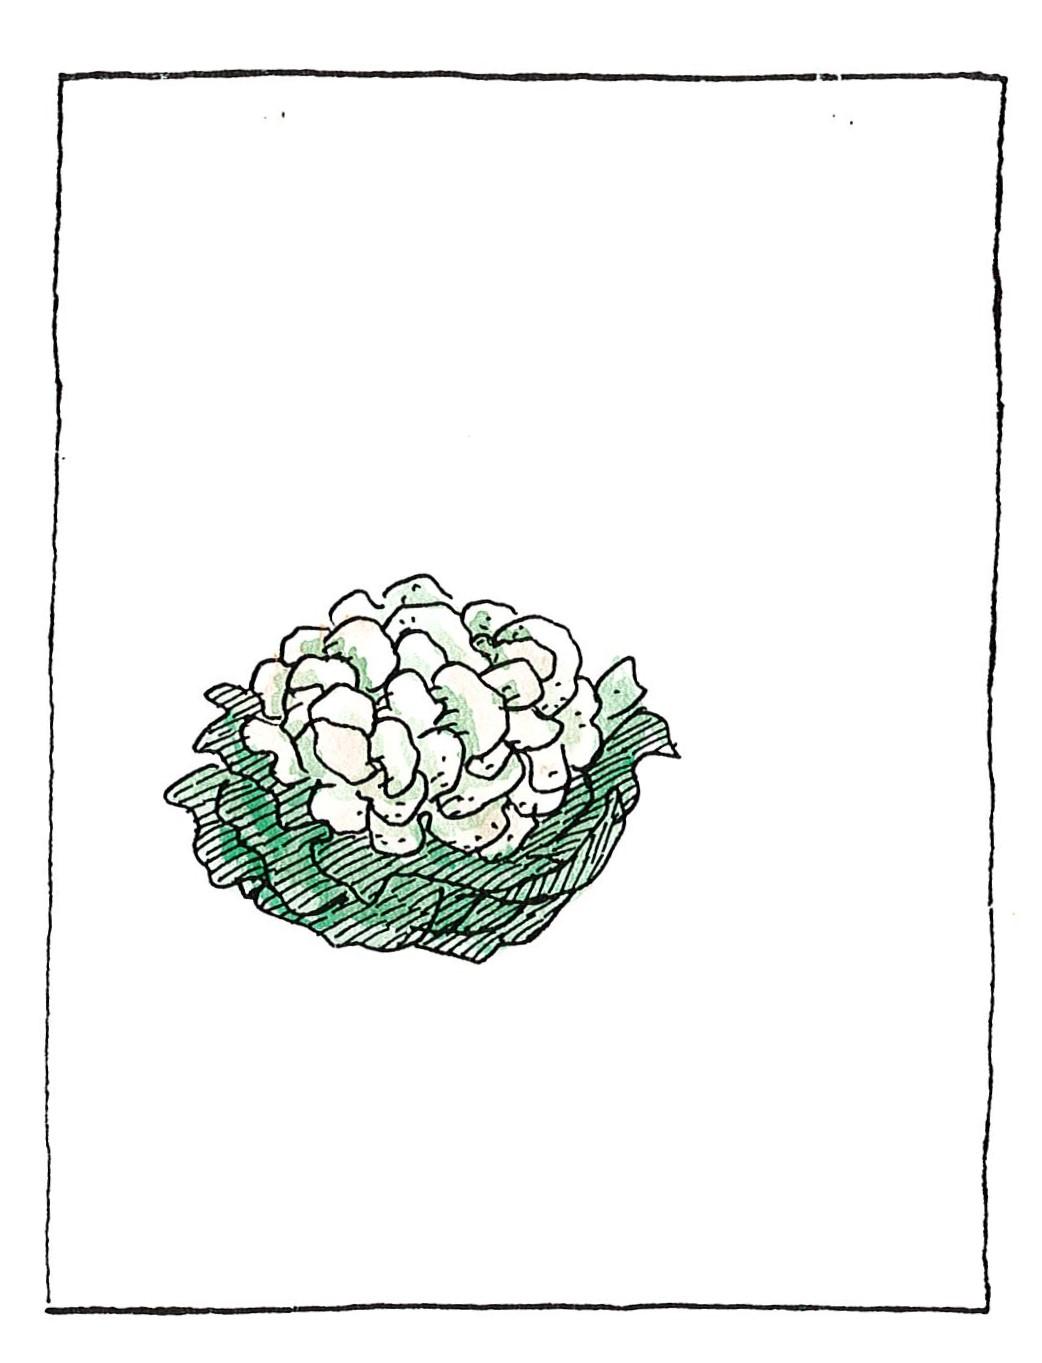 Κουνουπίδι